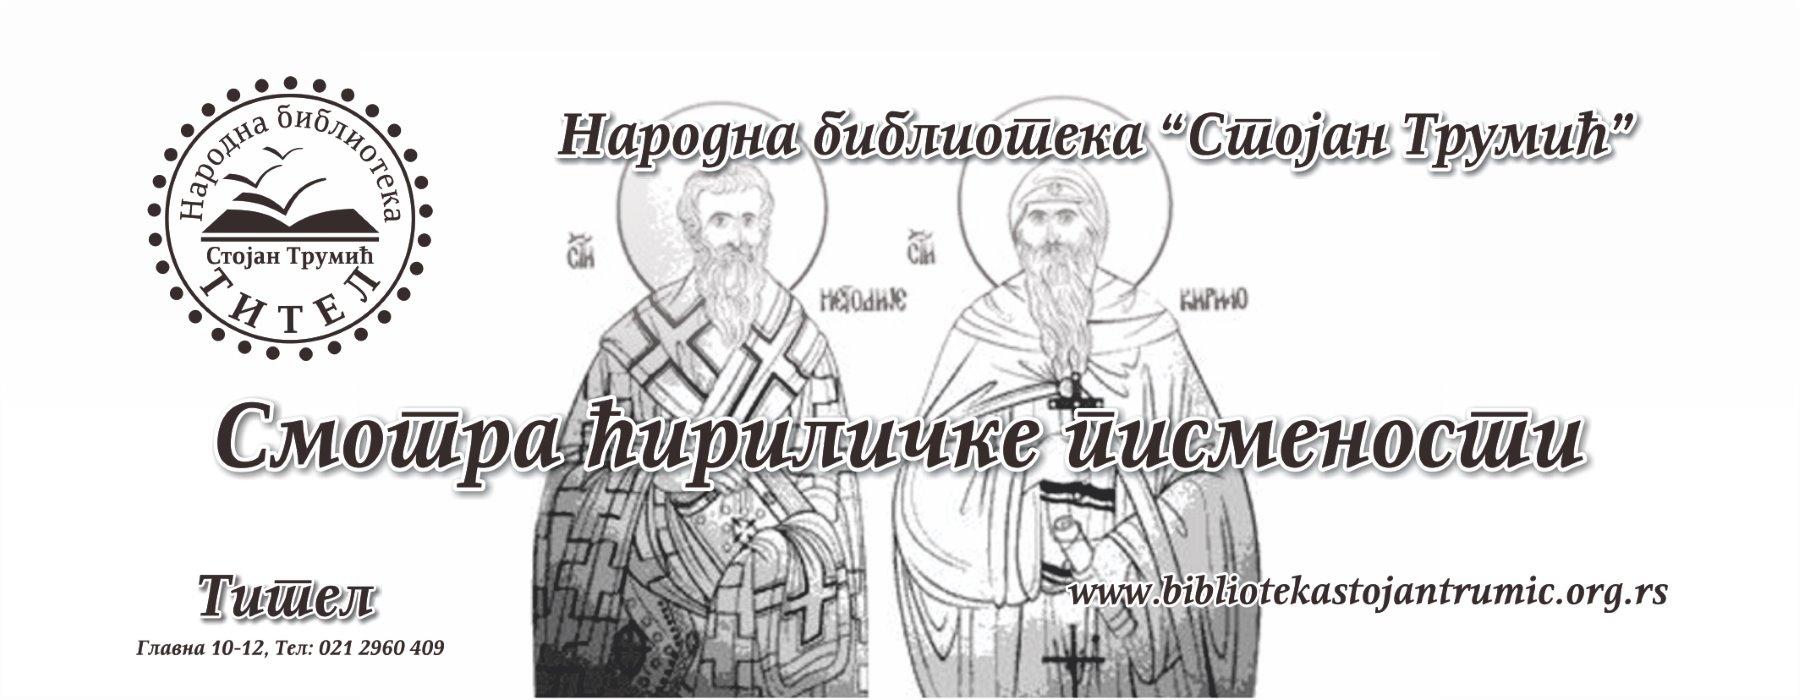 smotra cirilicke pismenosti biblioteka titel